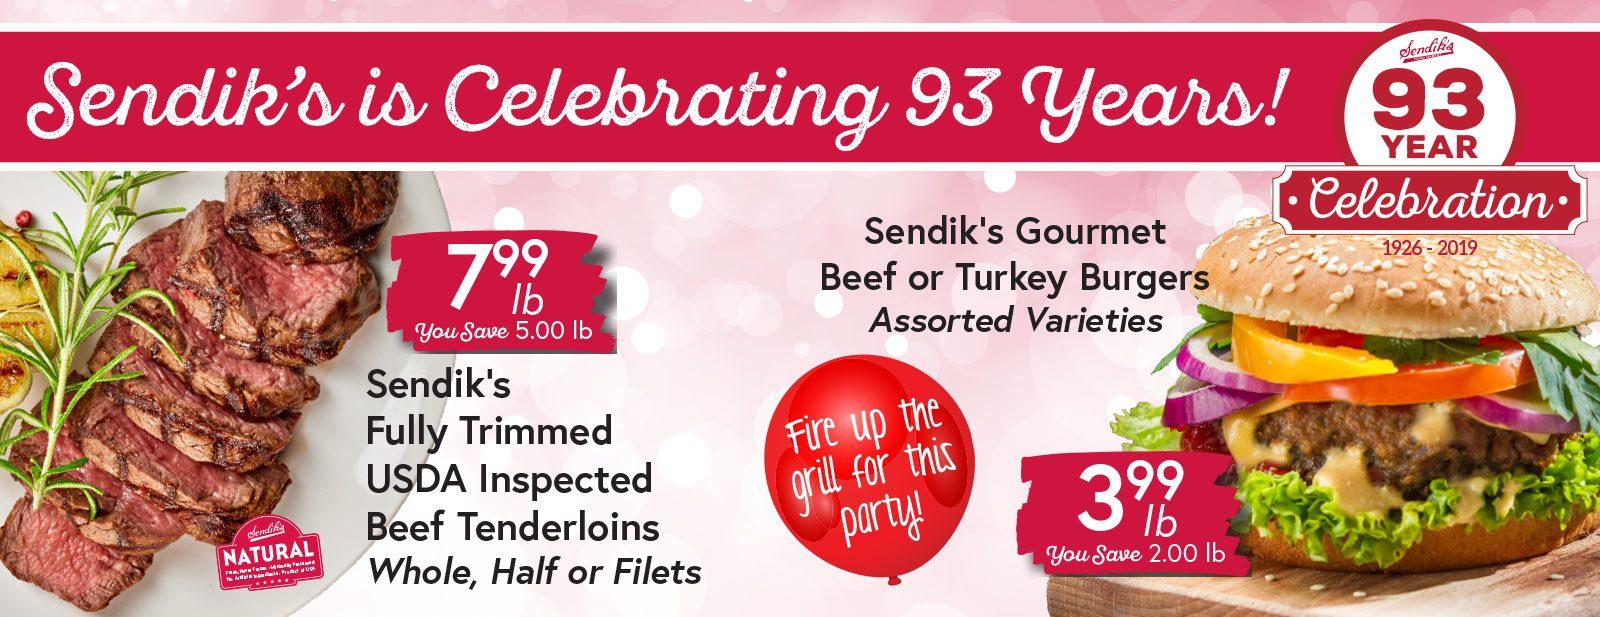 Sendik's is Celebrating 93 Years